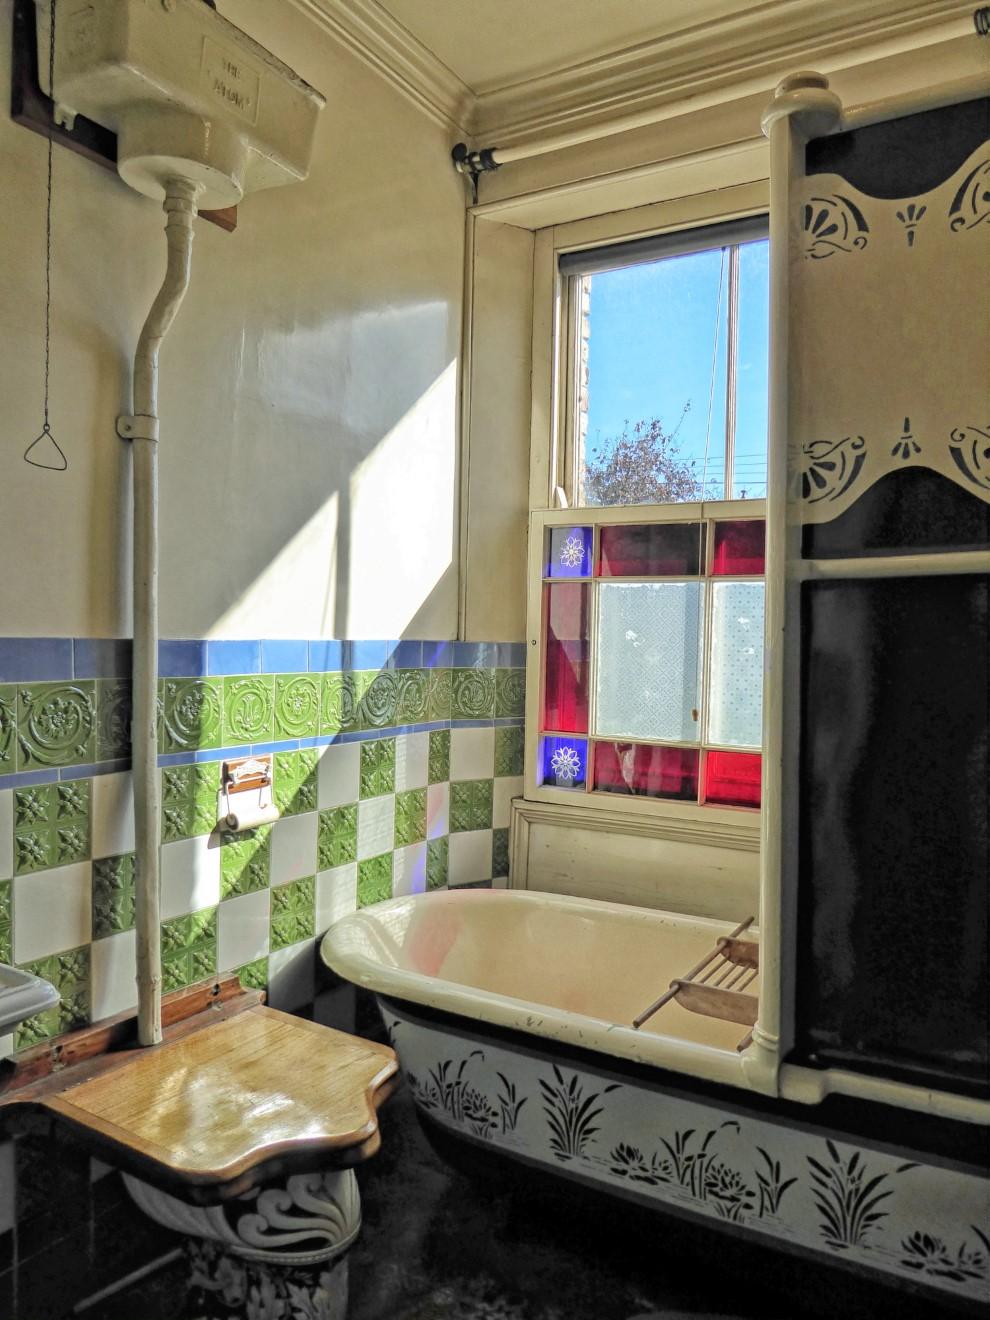 Old-fashioned bathroom with ornate bath